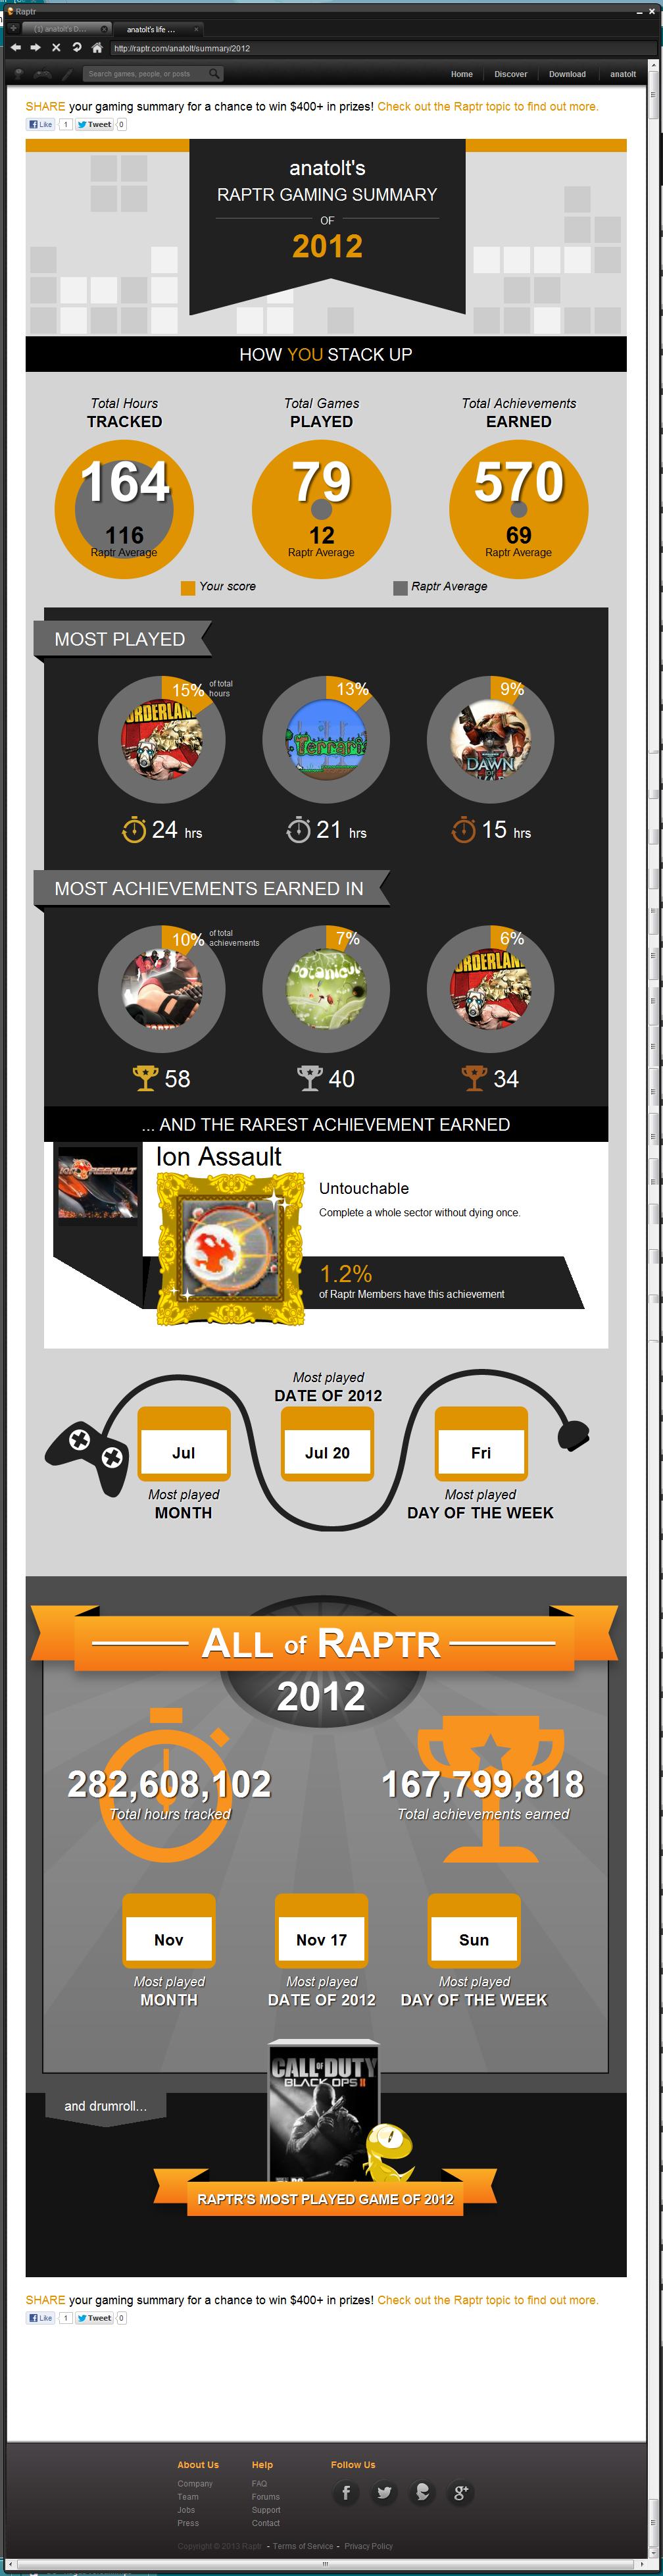 суммарная игровая статистика 2012